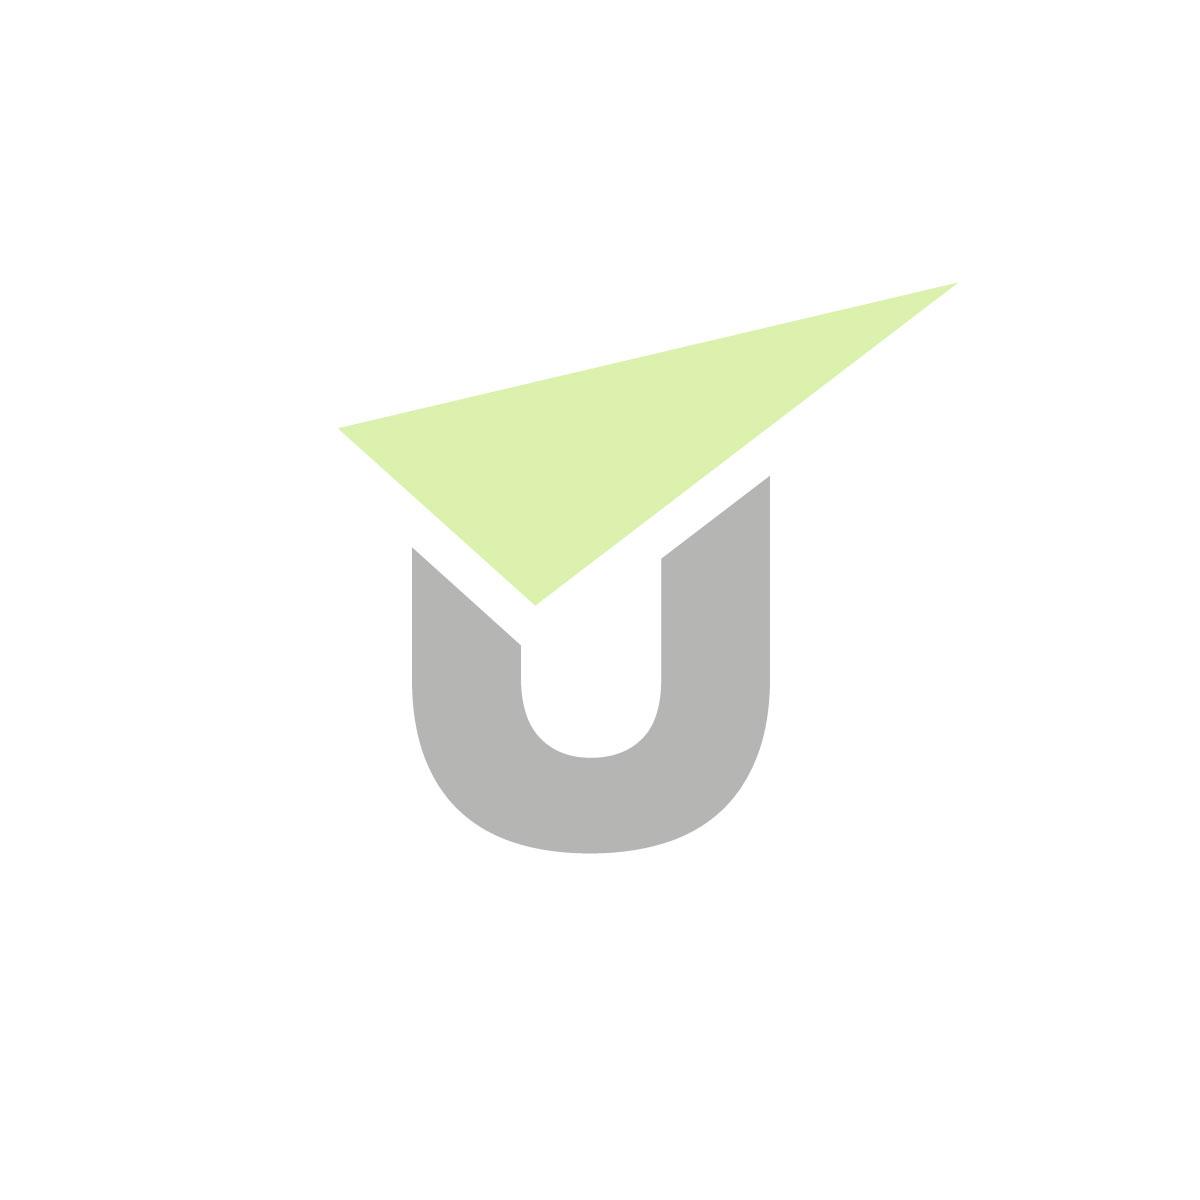 Tabla paddle surf hinchable PANTAI como producto recomendado